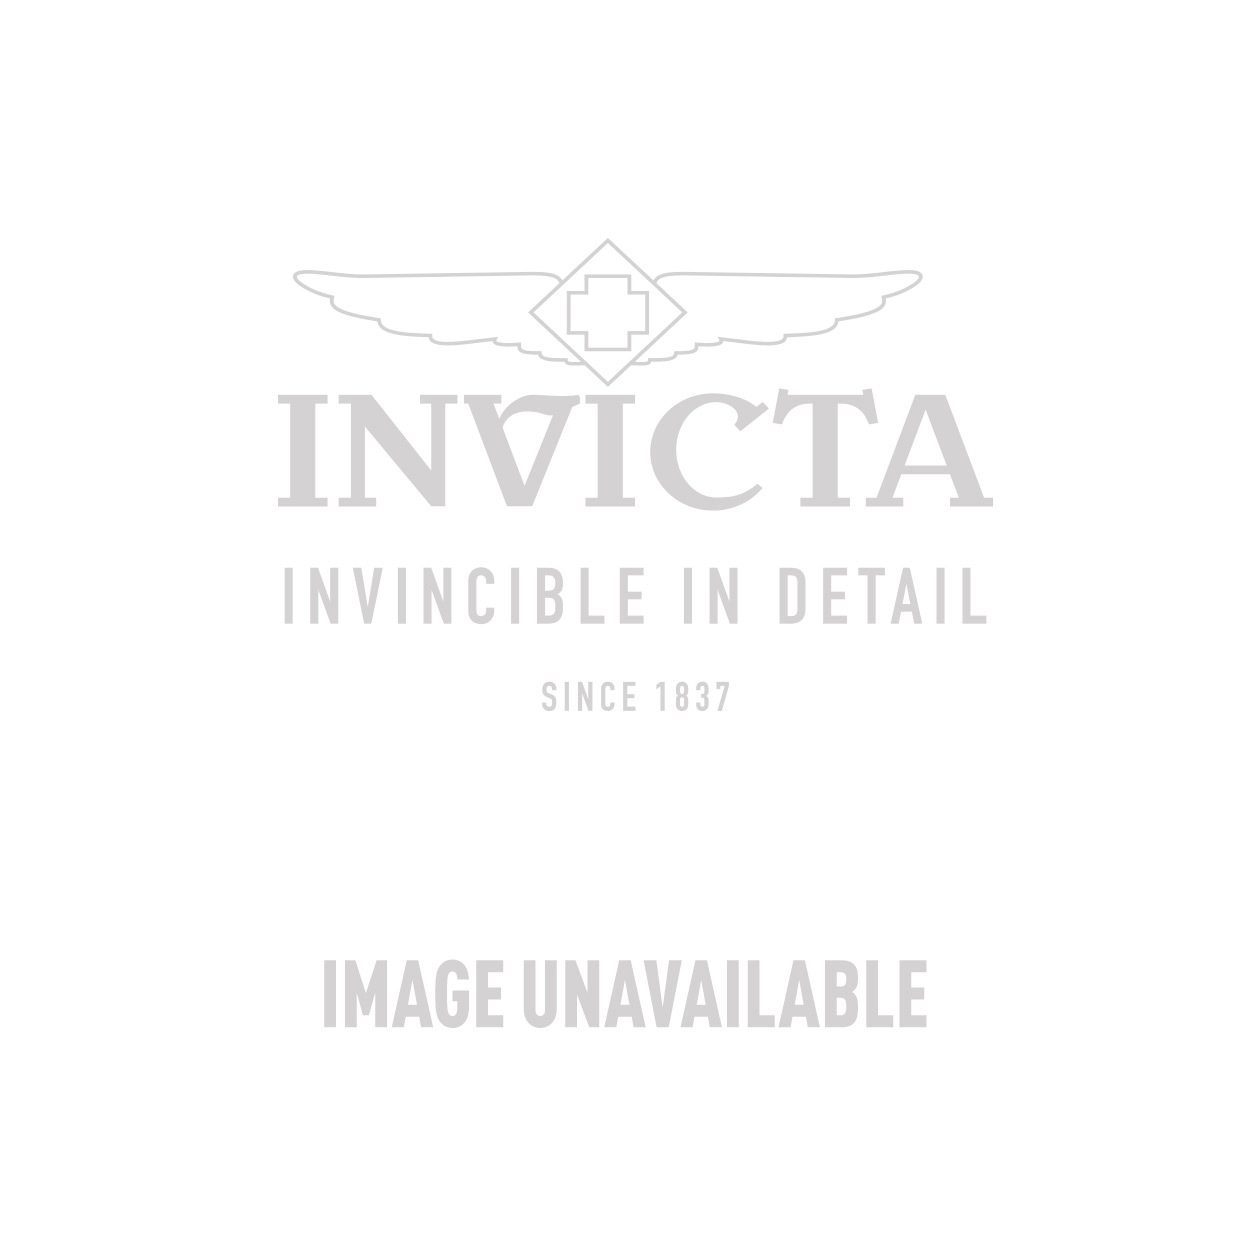 Invicta Model 27352